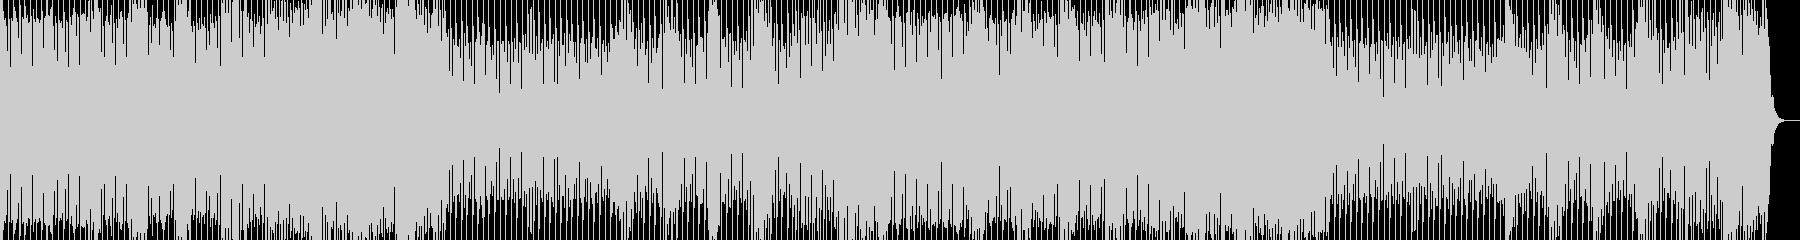 EDM風のマジックショー用BGMの未再生の波形